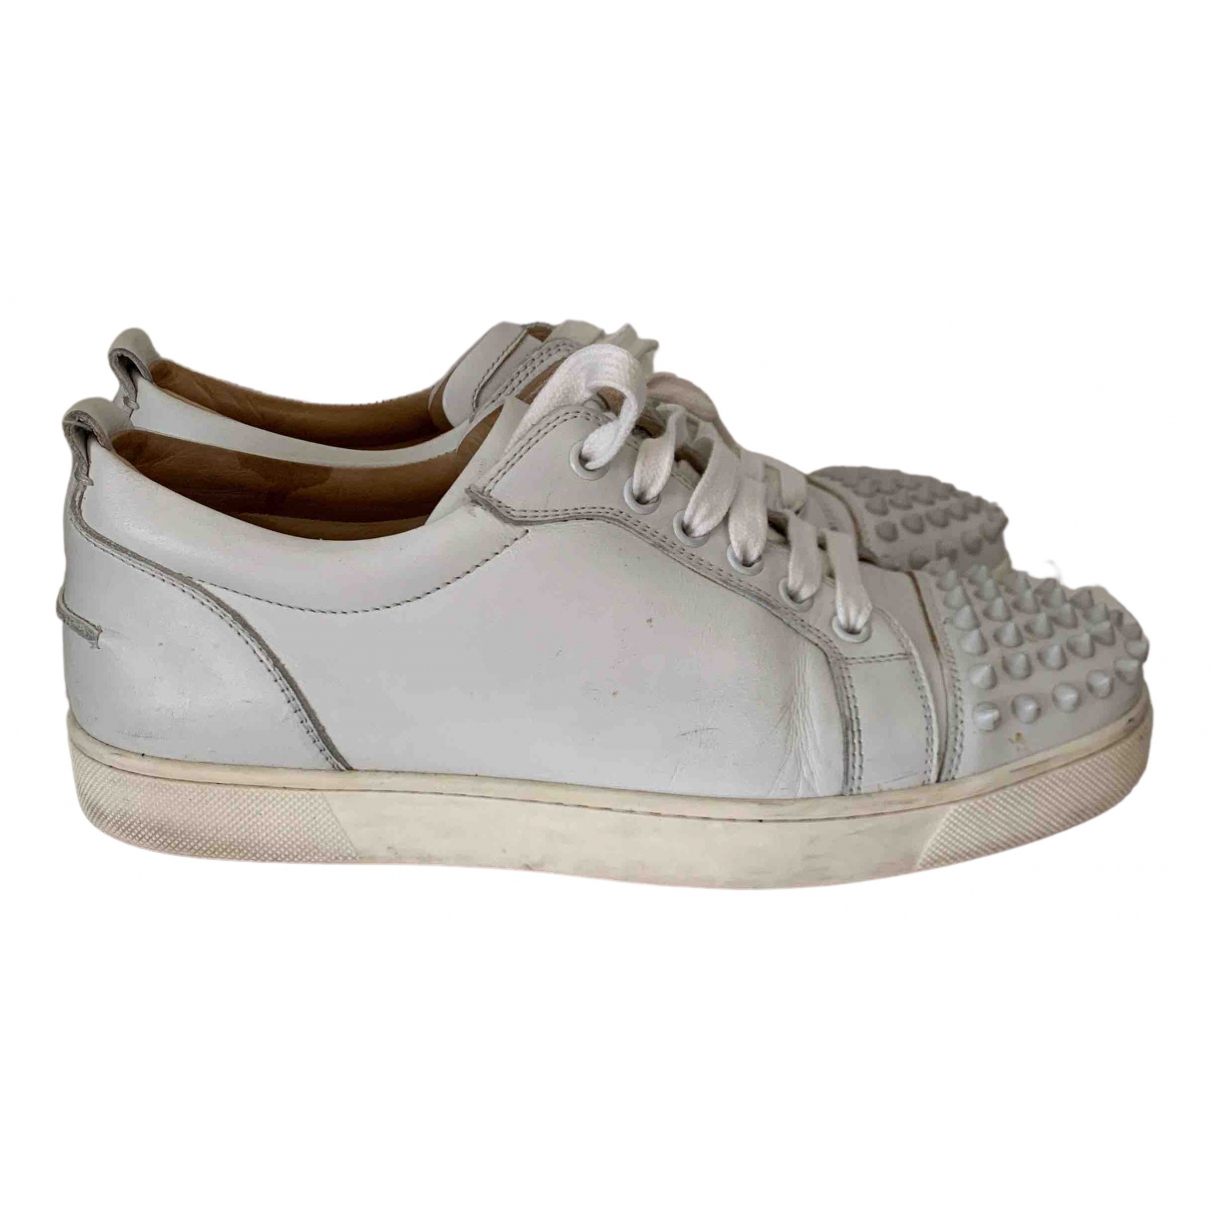 Christian Louboutin - Baskets Gondolita pour femme en cuir - blanc